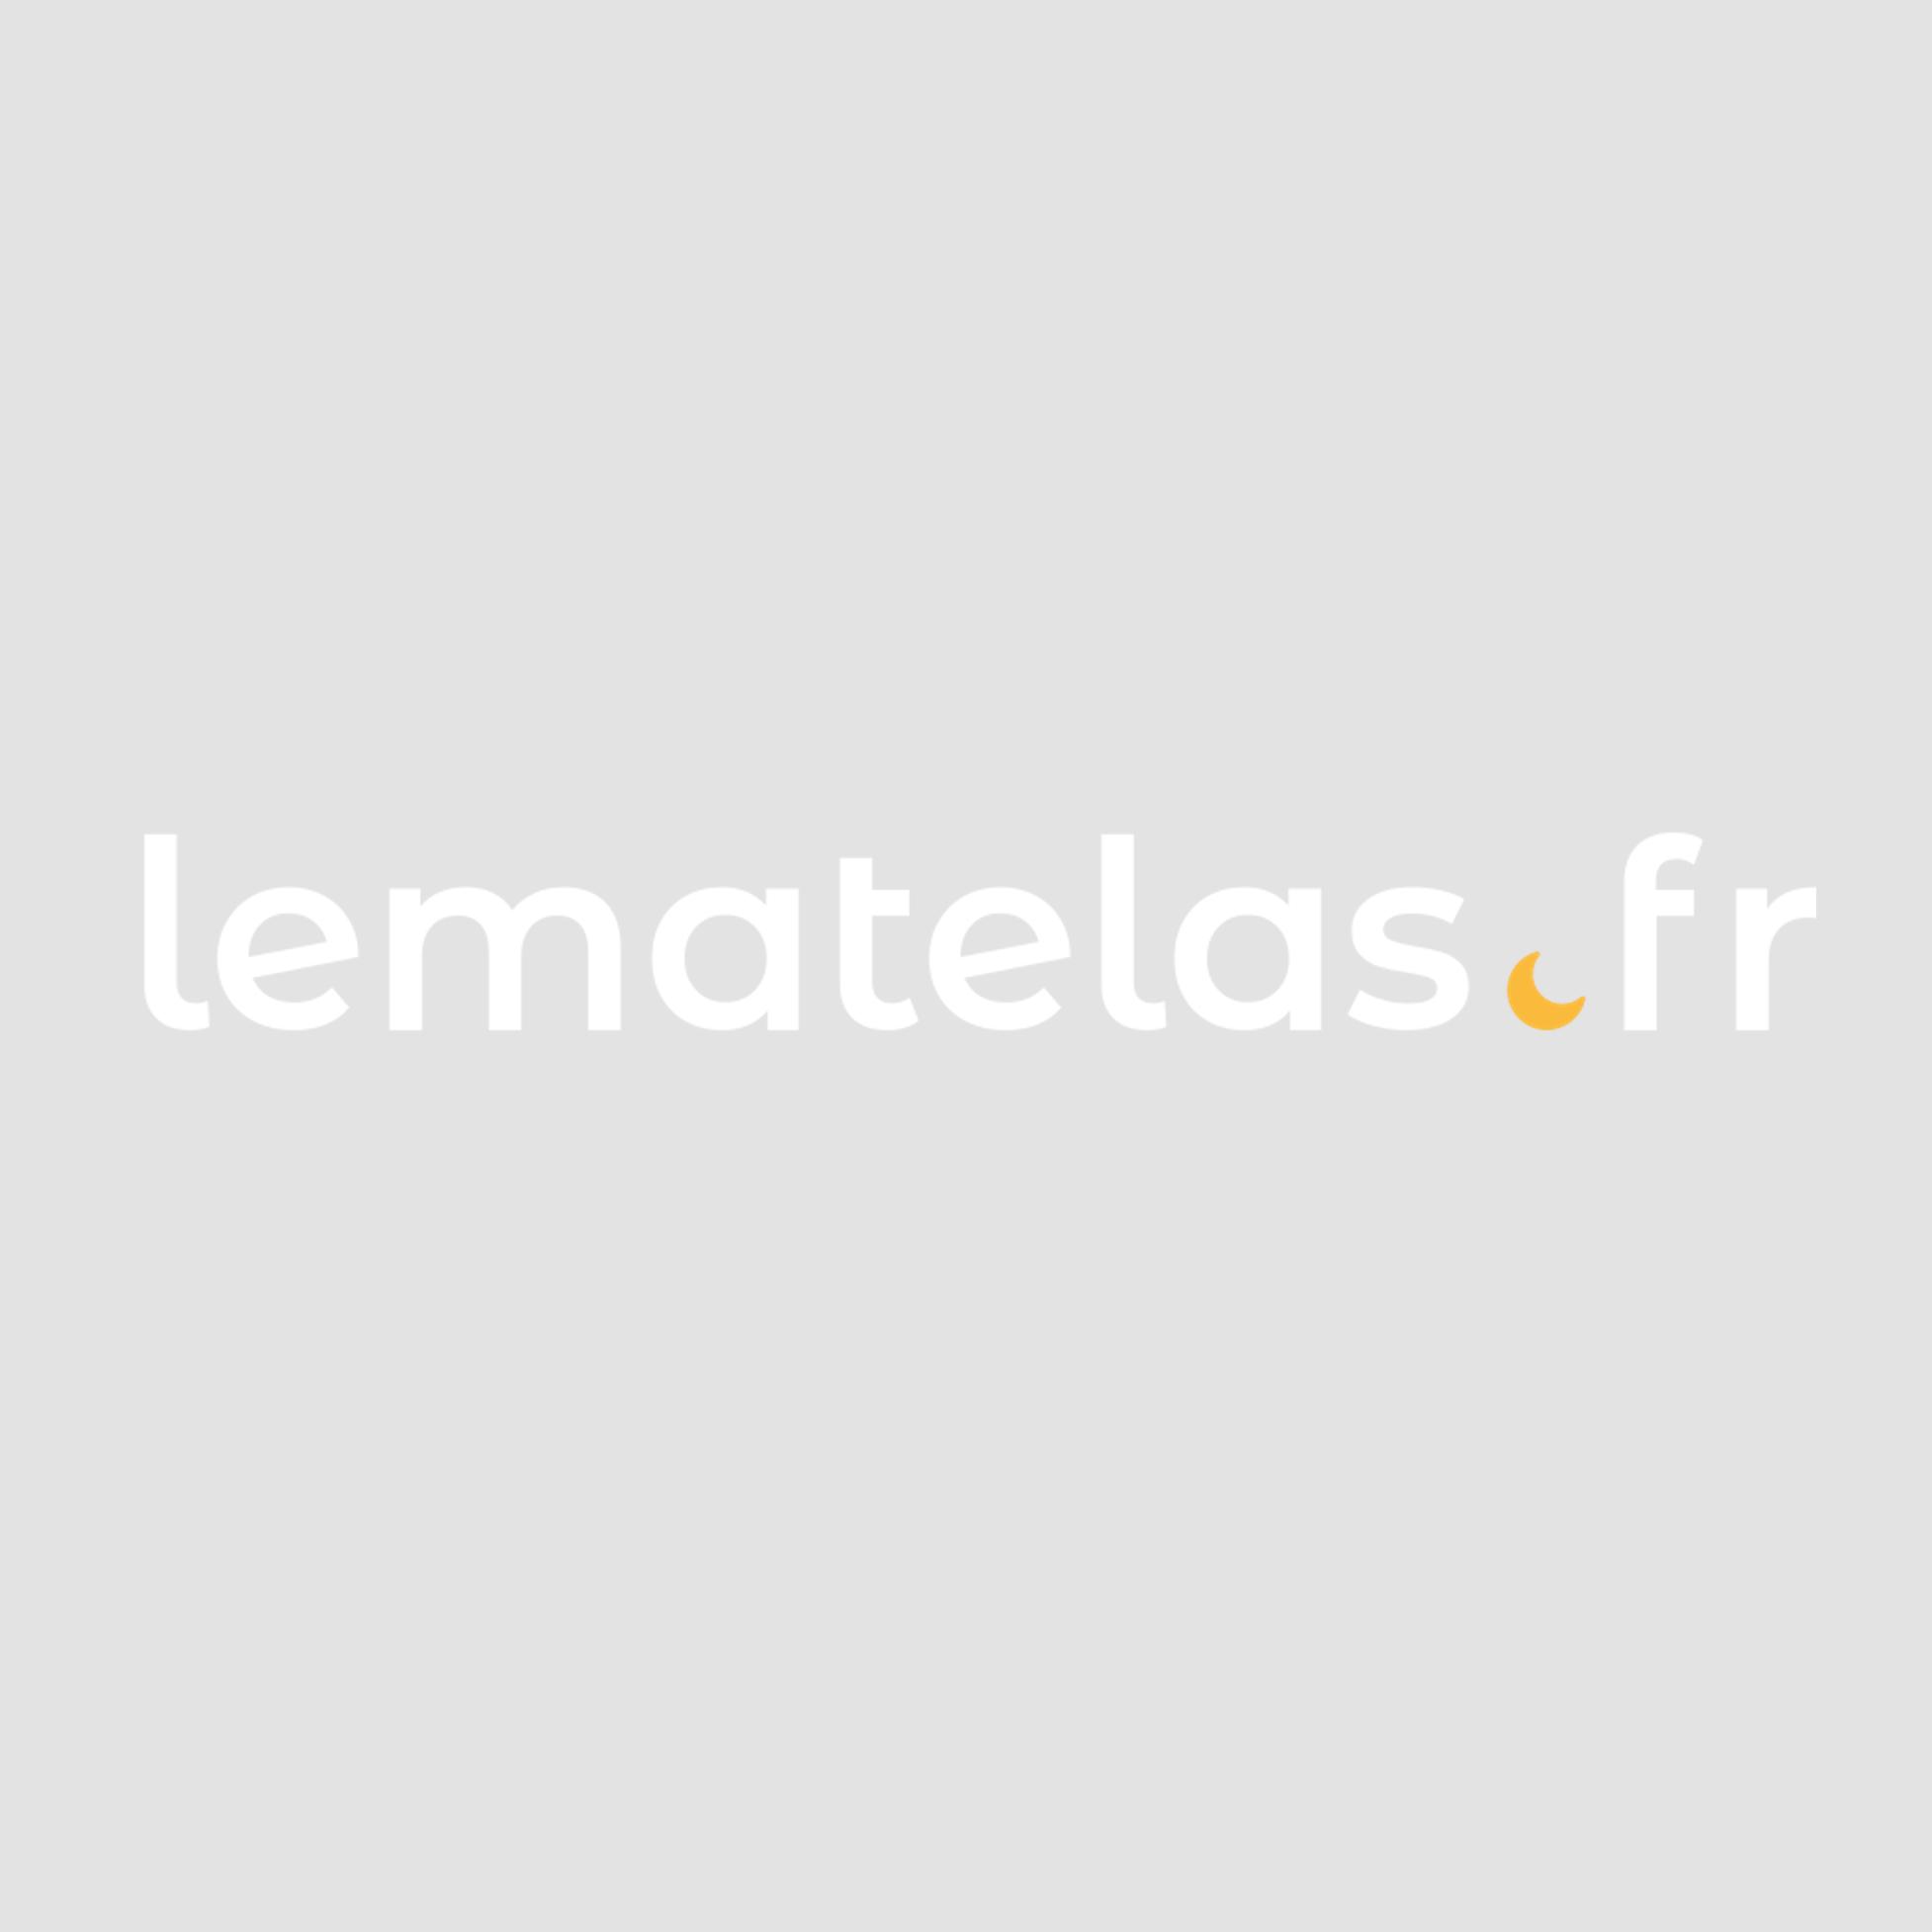 Terre de Nuit Lot de 2 draps housses jersey vert jade bonnet 30 cm 80x200